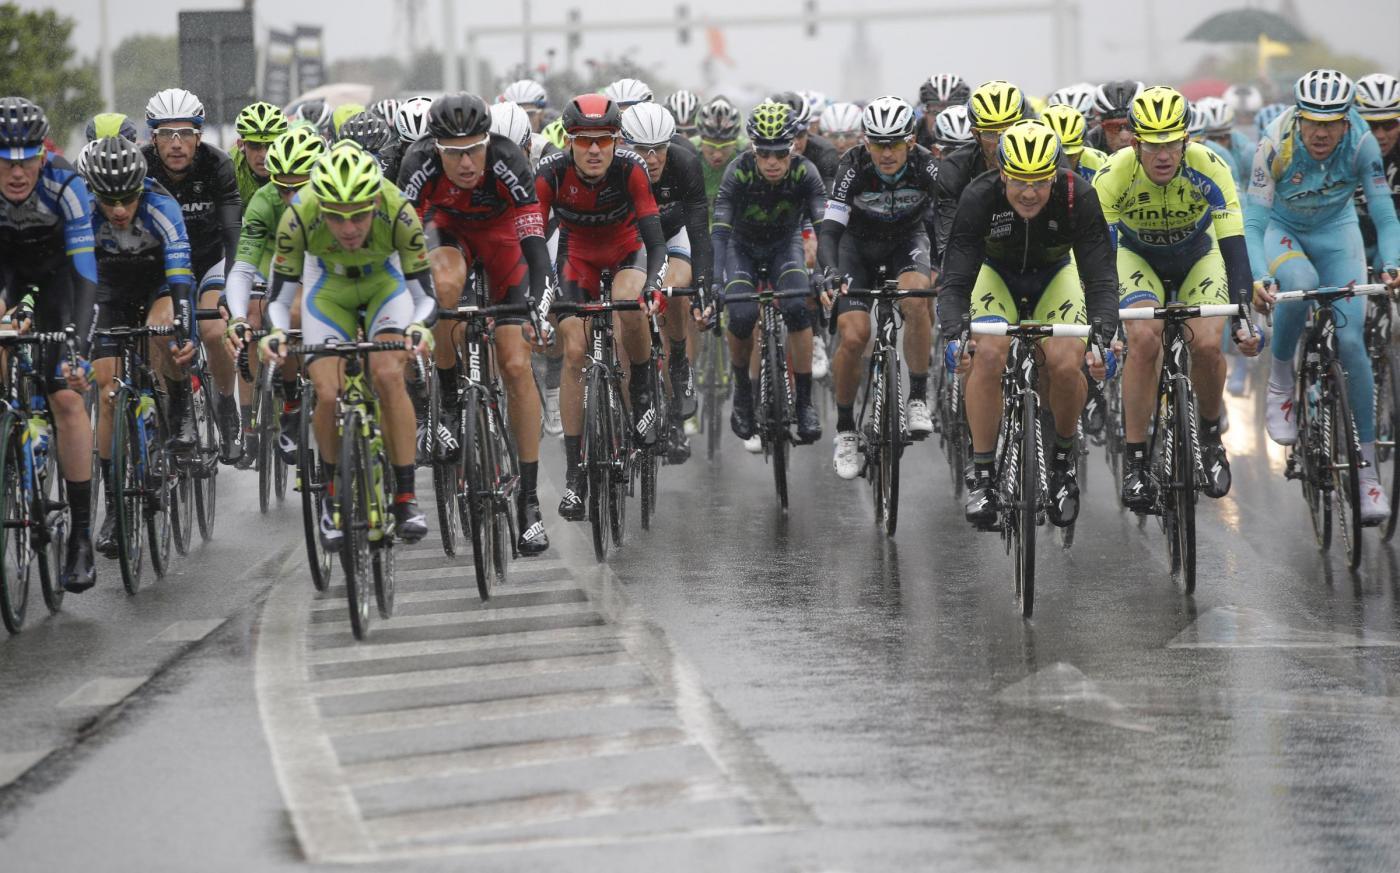 Tour de France 2014 Roubaix